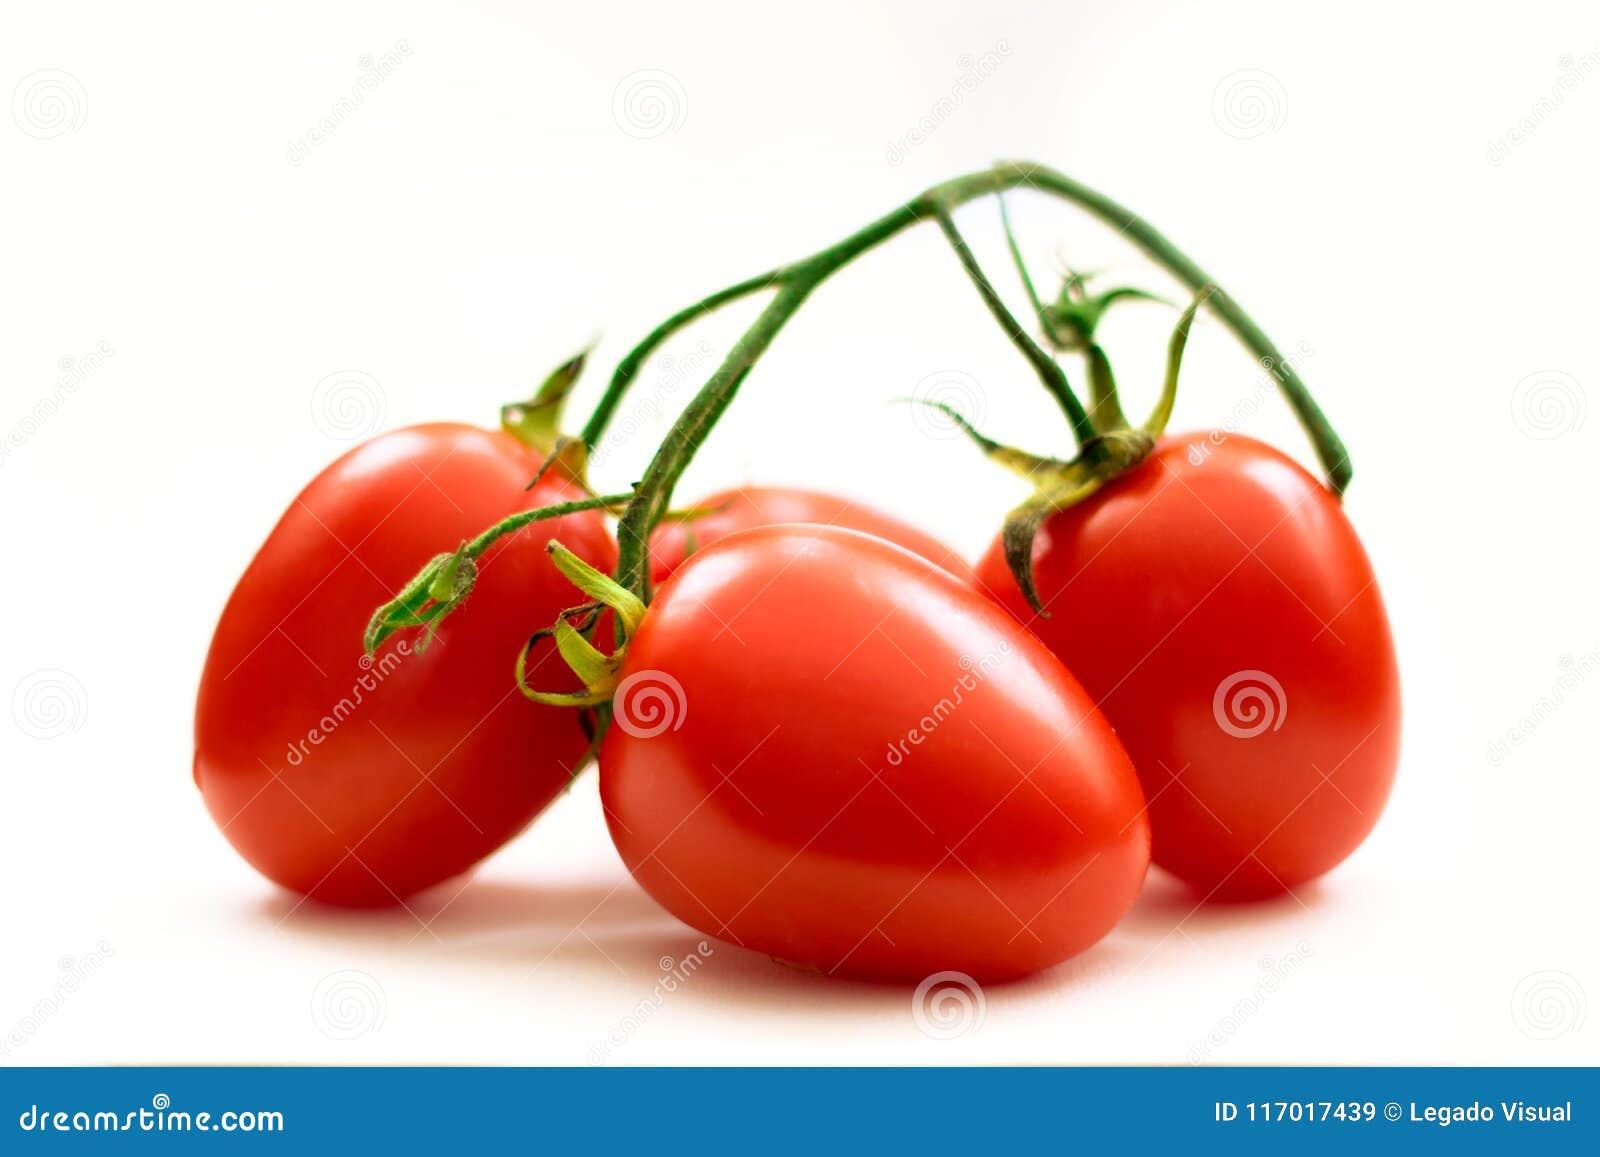 Organische Tomaten von Mexiko